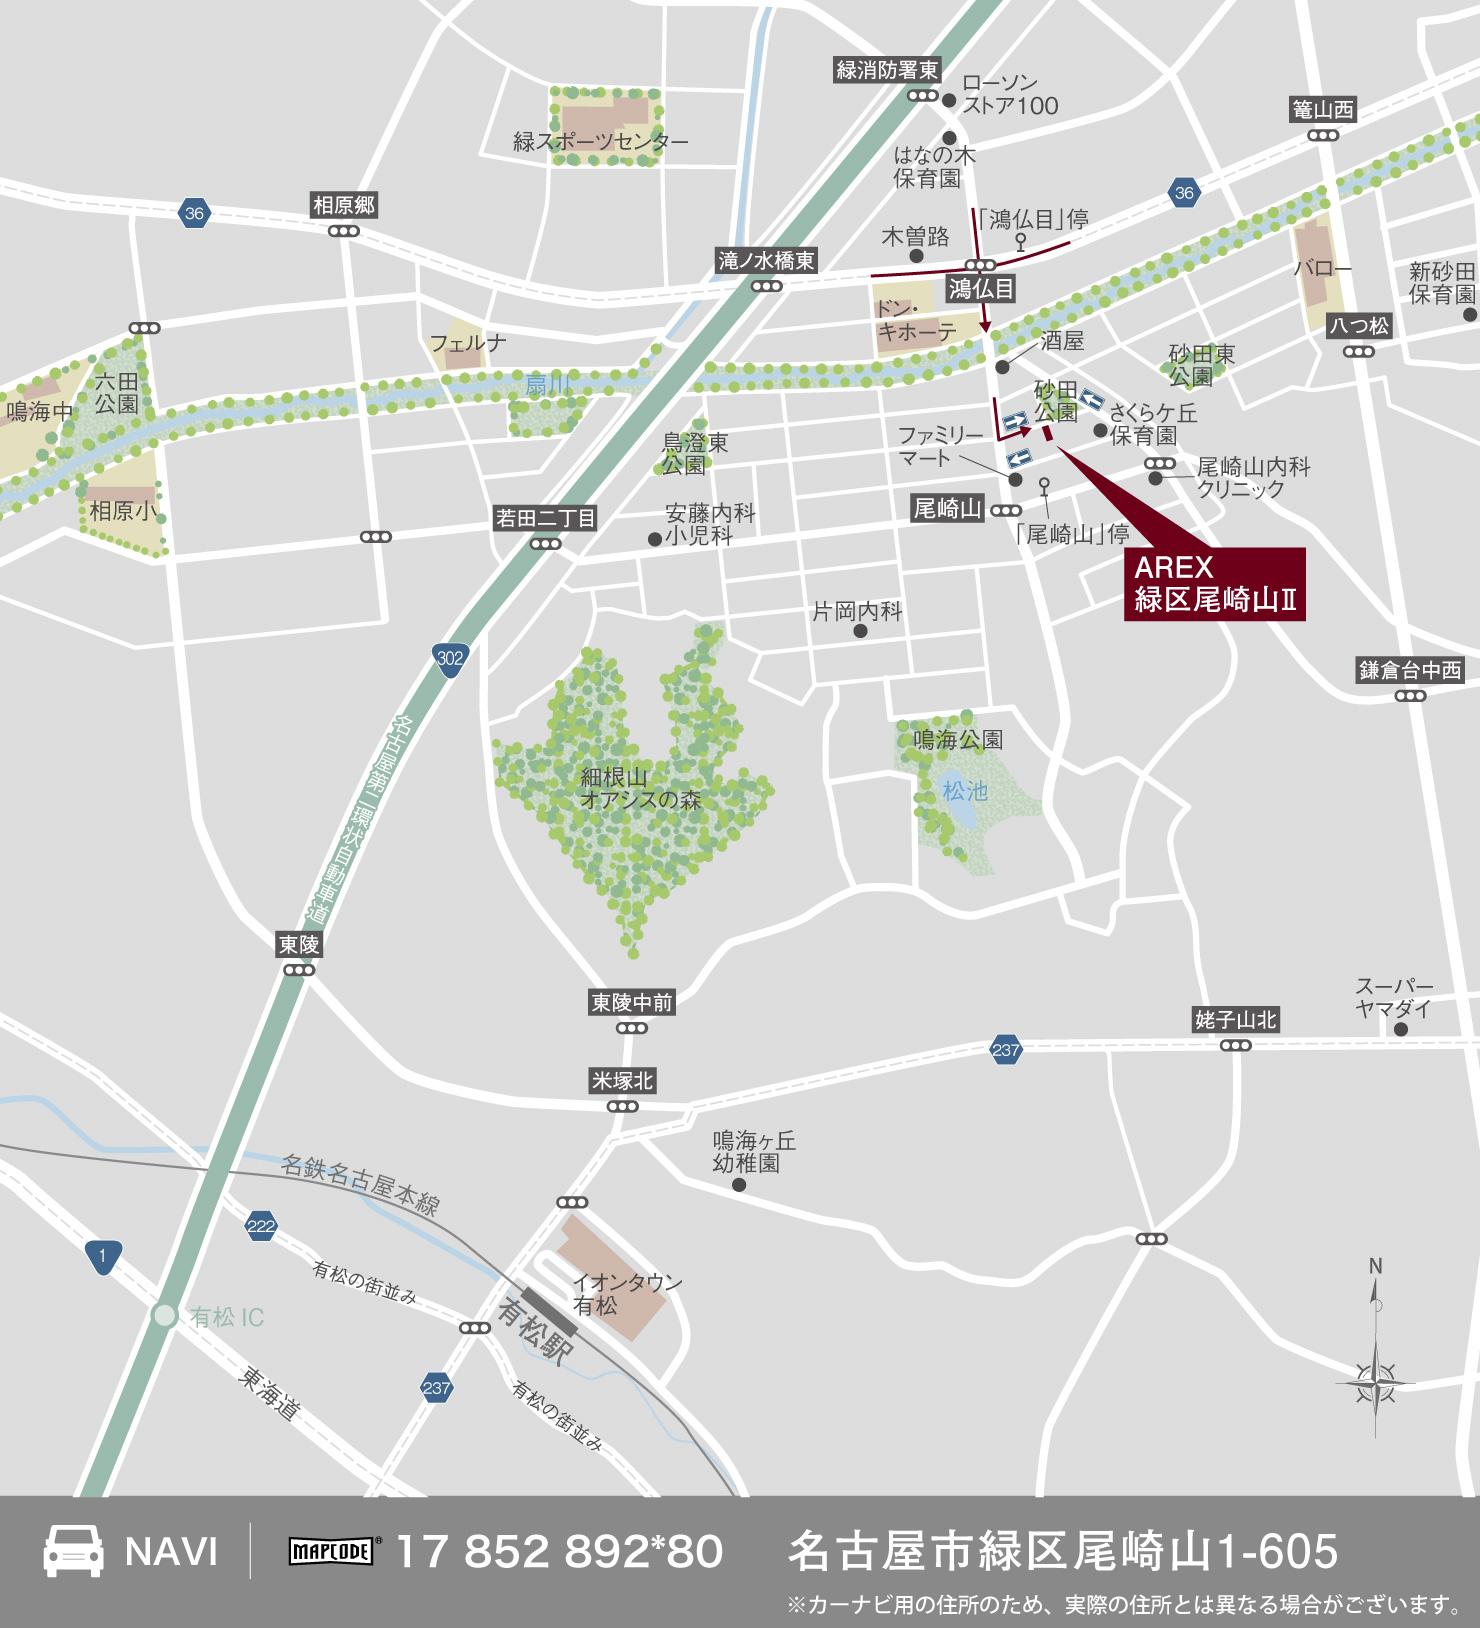 3_地図_緑区尾崎山2